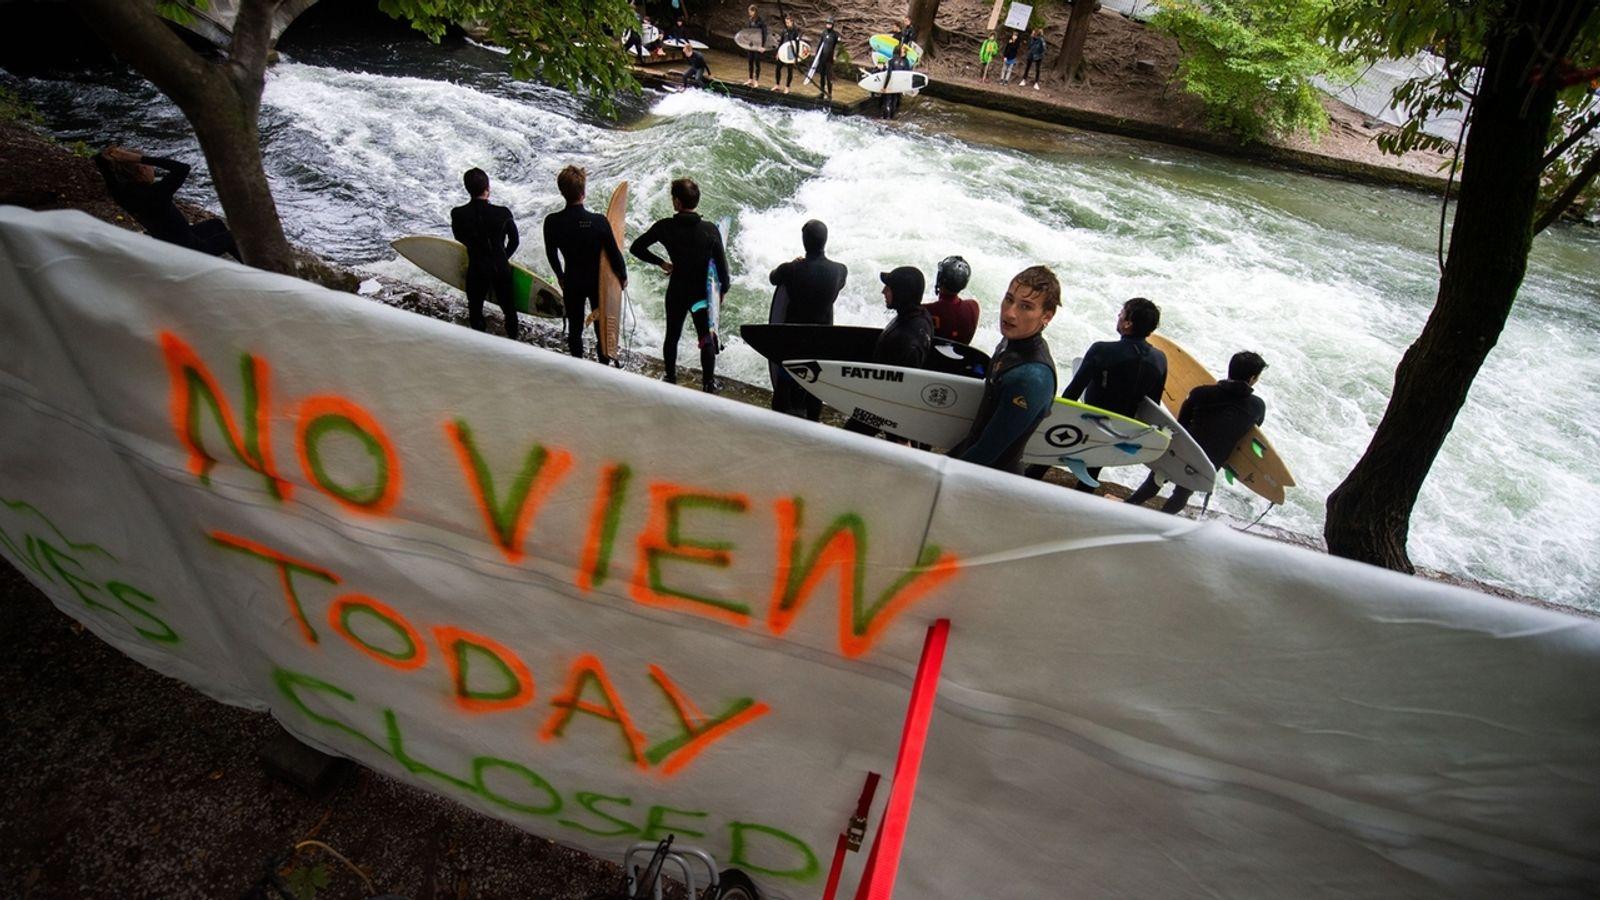 Munchner Eisbachwelle Surfer Bauen Aus Protest Sichtschutz Br24